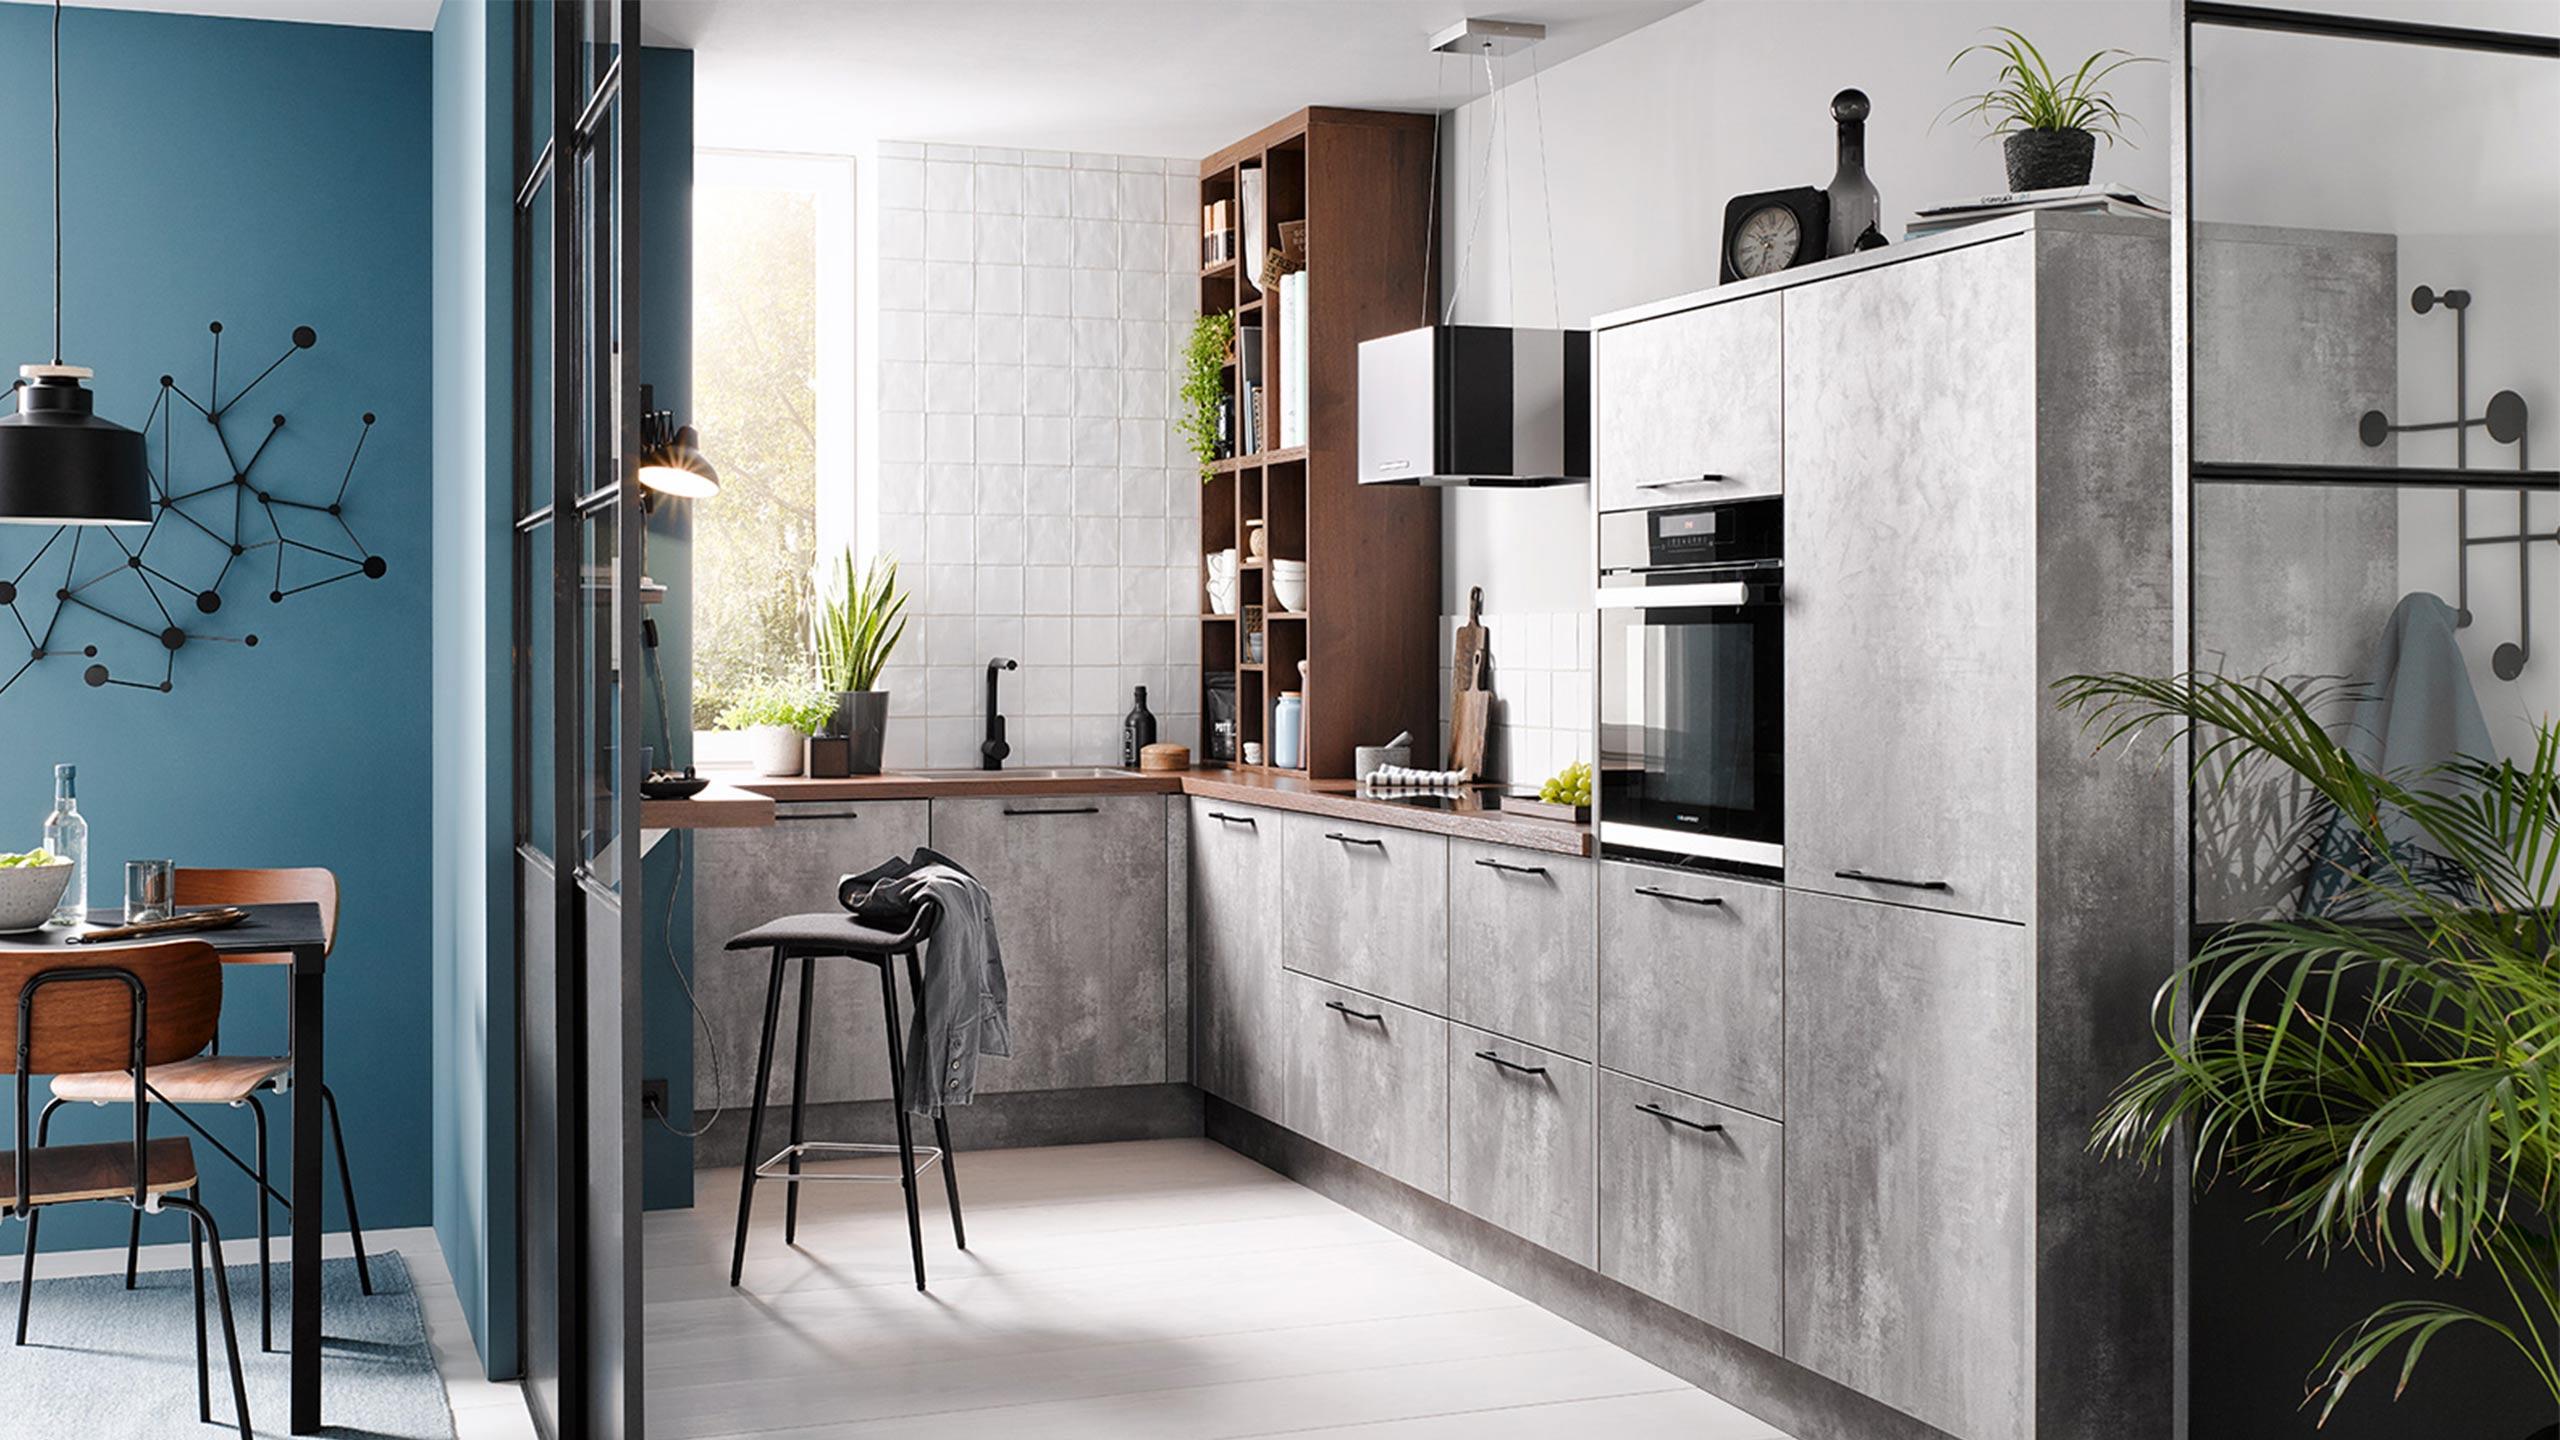 betonarbeitsplatten und fronten header im küchen staude magazin